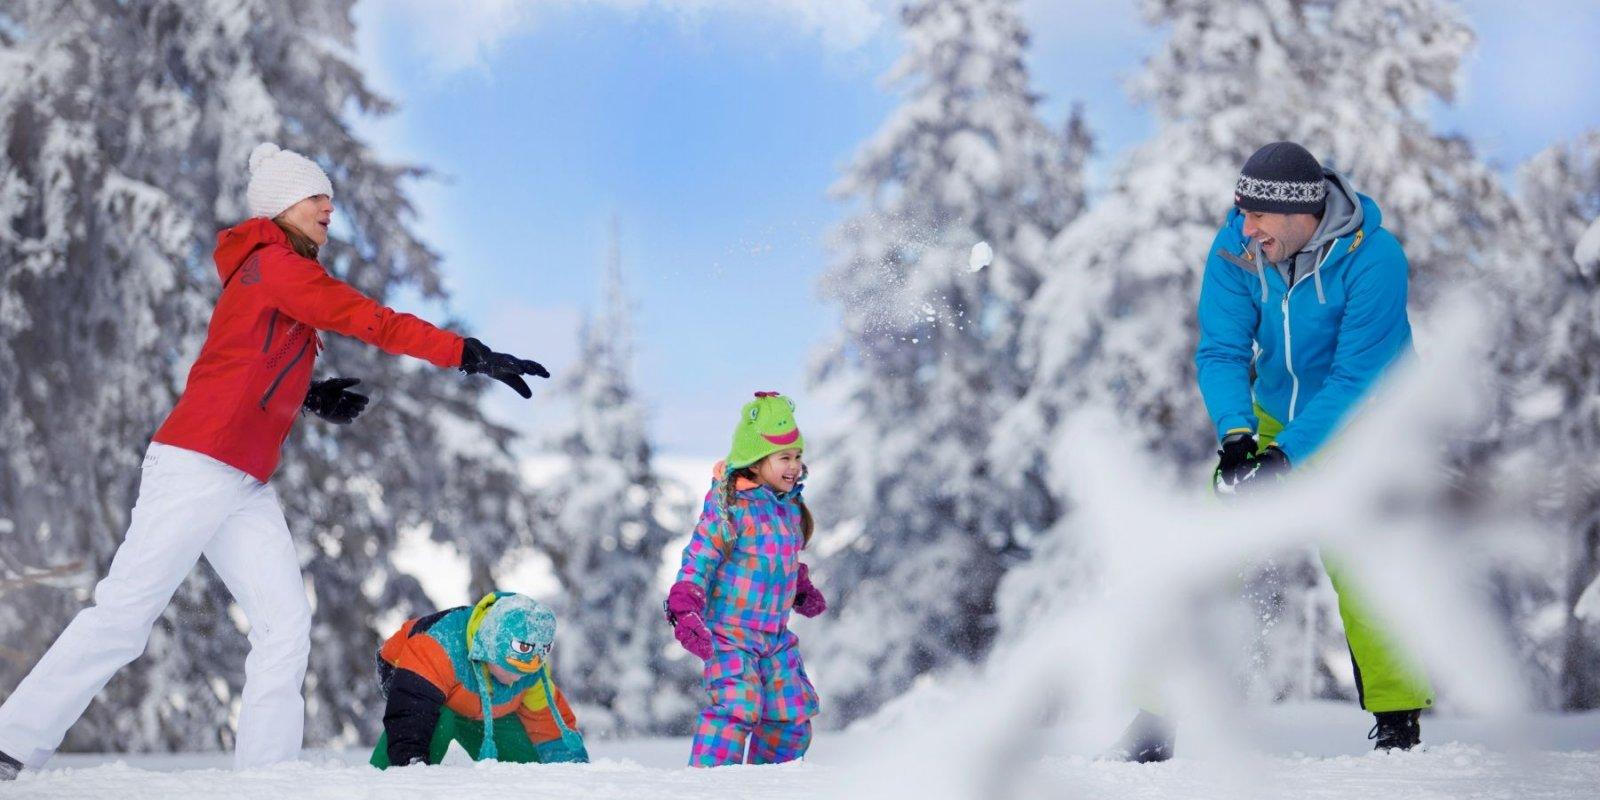 Skiareál Mariánky je ideálním místem pro zimní rodinnou dovolenou. Sotva pár set metrů od hlavní kolonády Mariánských Lázní si můžete užít skutečné zimní radovánky.